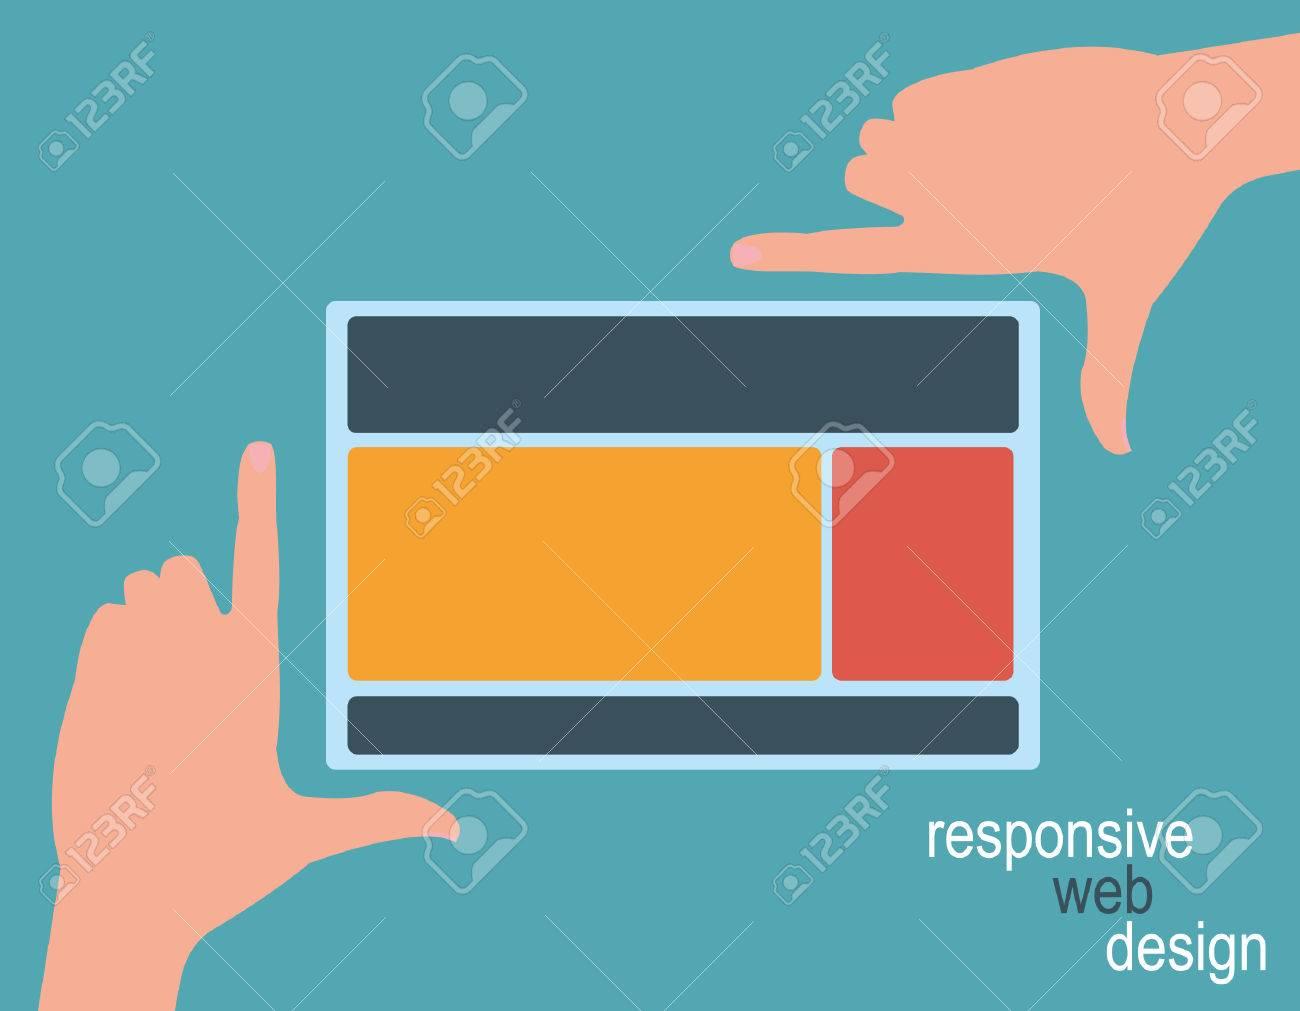 Responsive Web Design, Hände Framing-Vorlage Lizenzfrei Nutzbare ...